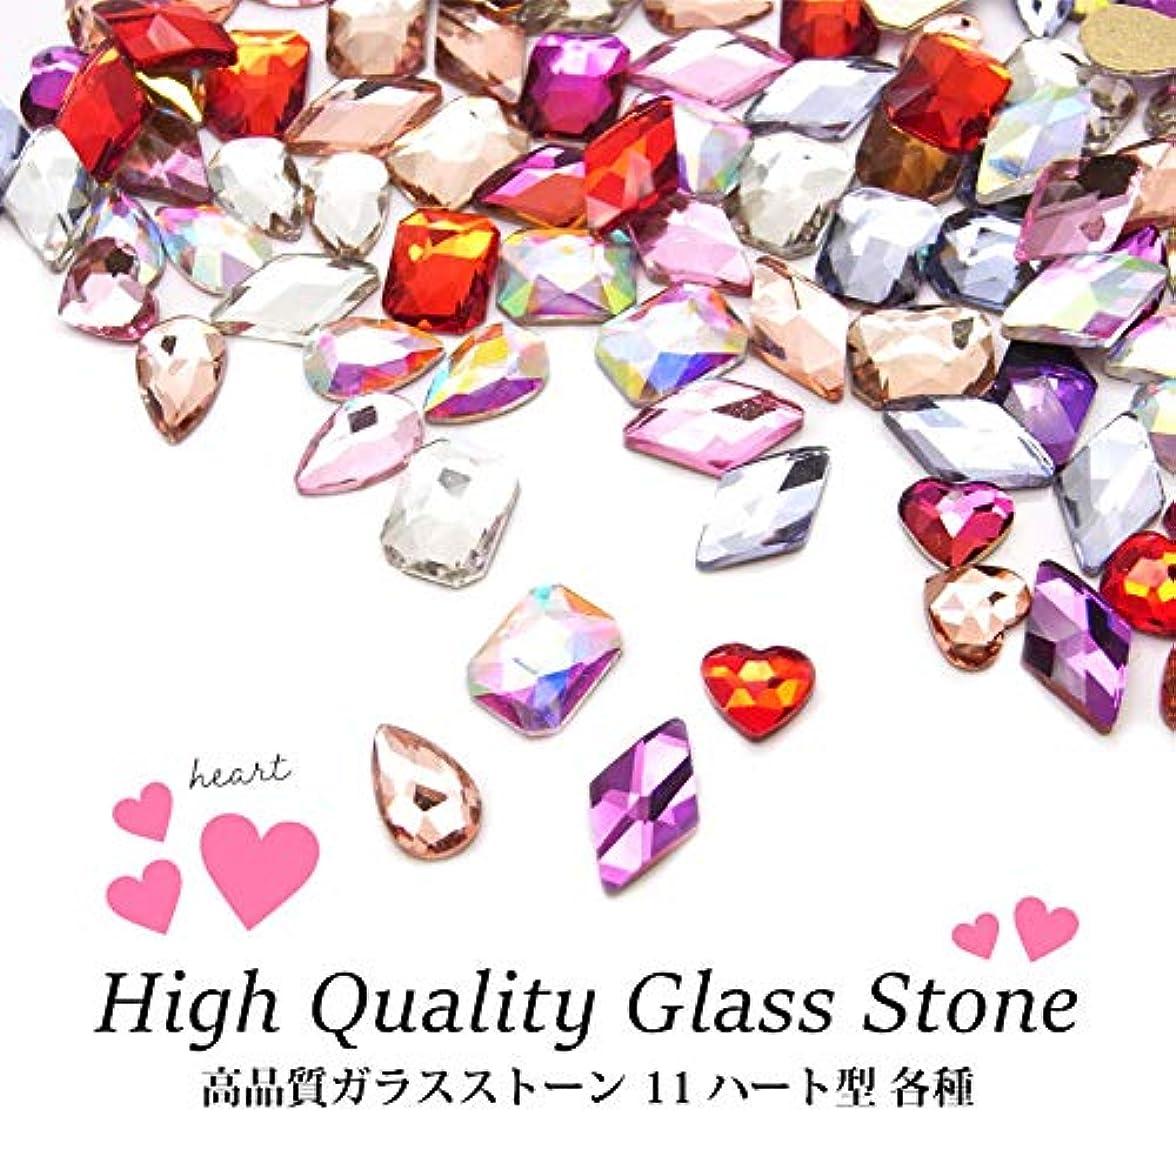 最愛の差し引く膨らみ高品質ガラスストーン 11 ハート型 各種 5個入り (6.ライトローズ)